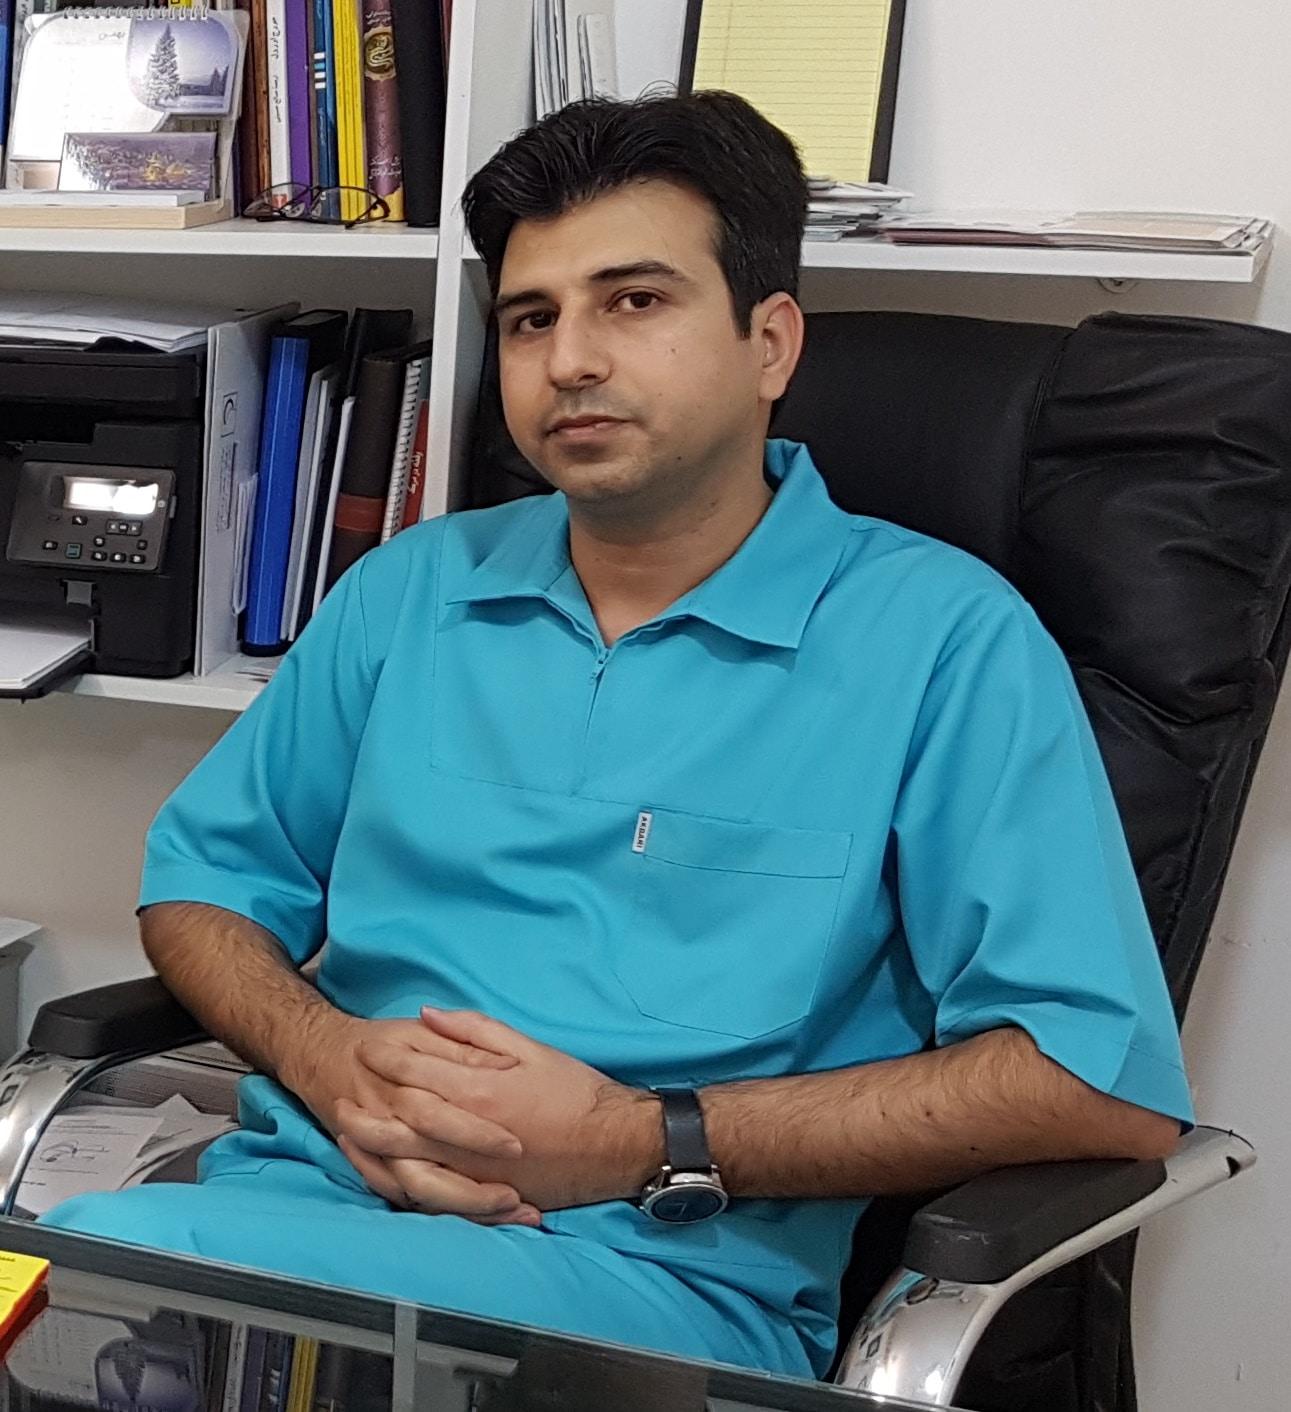 دکتر محمد باقر خفاف بهترین دندانپزشک گرگان